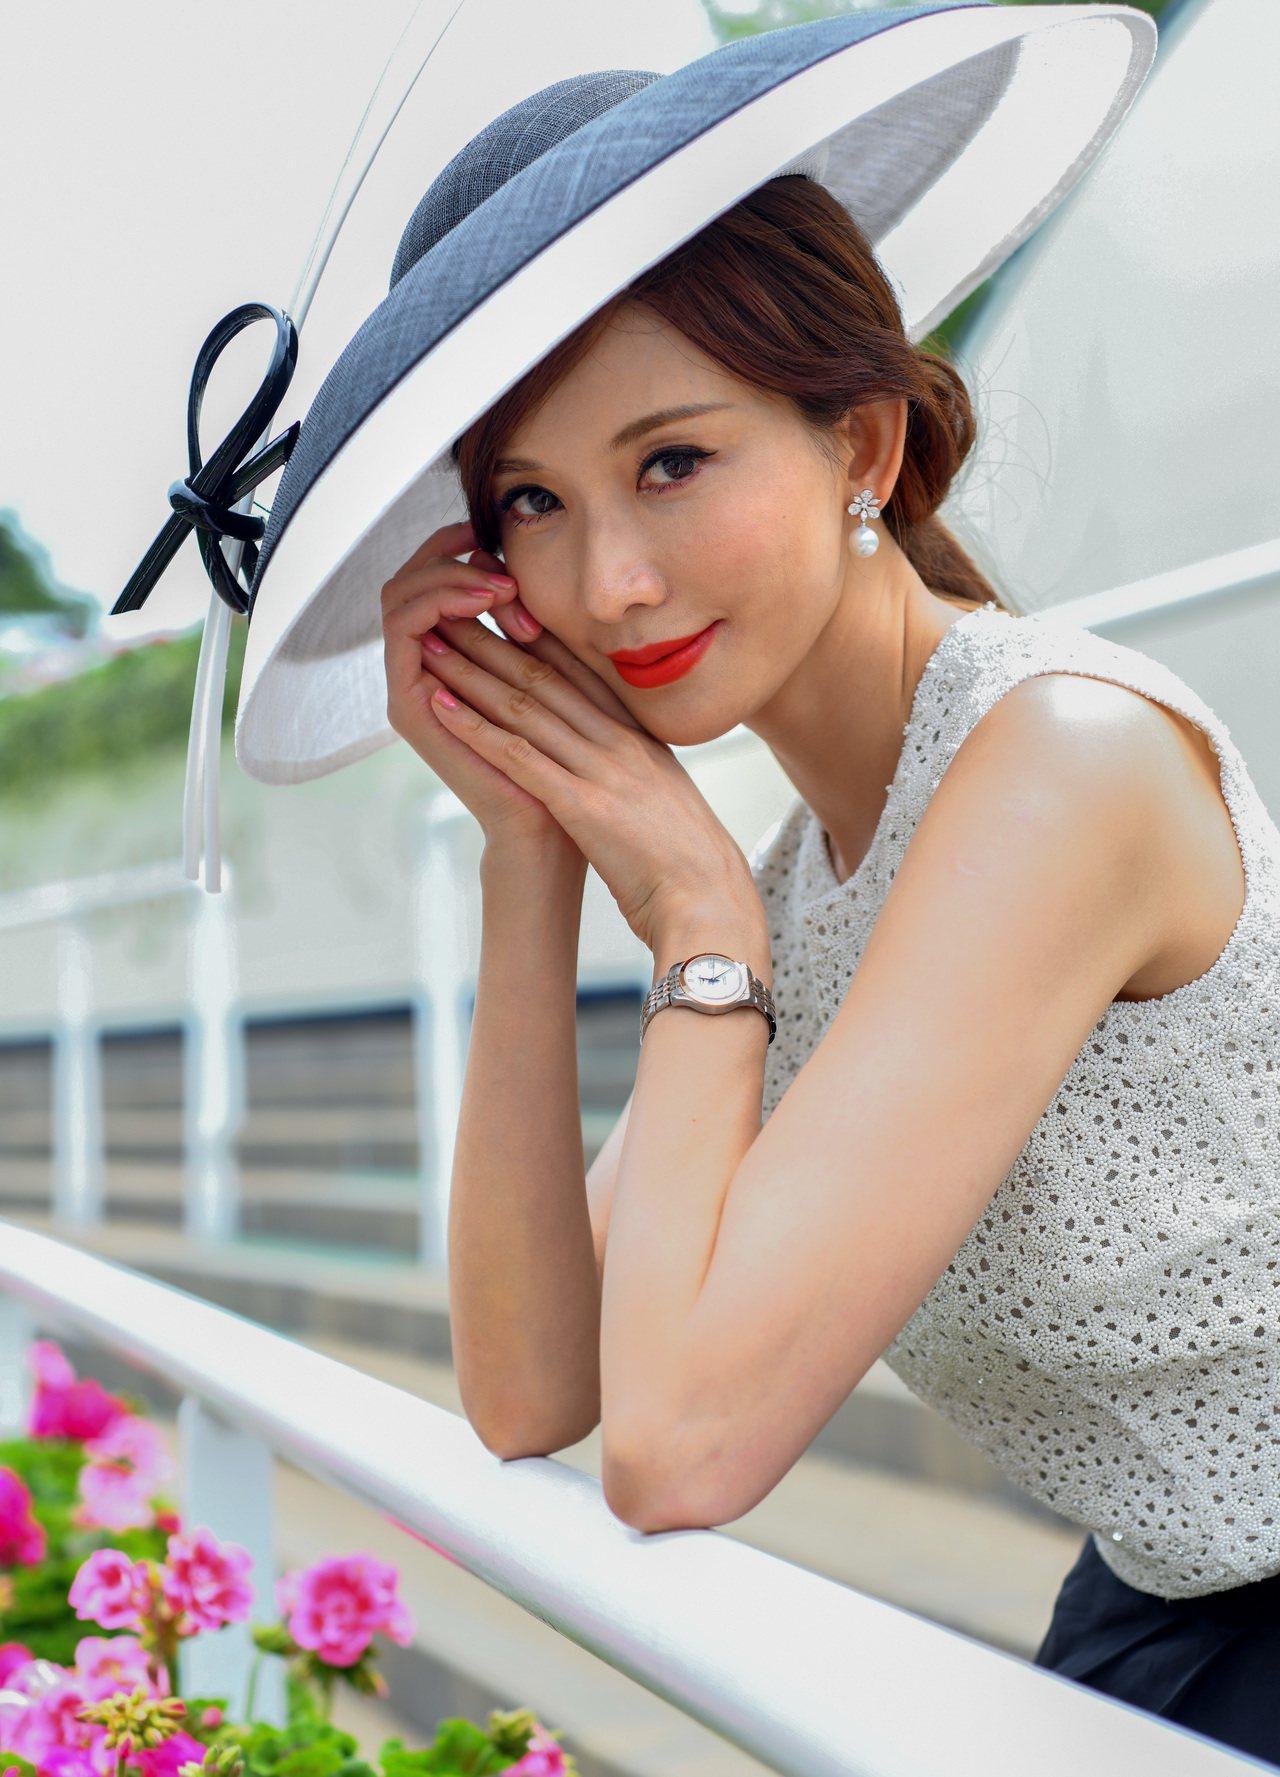 林志玲配戴浪琴表出席英國皇家賽馬會活動,顯得氣色極佳。圖/浪琴表提供